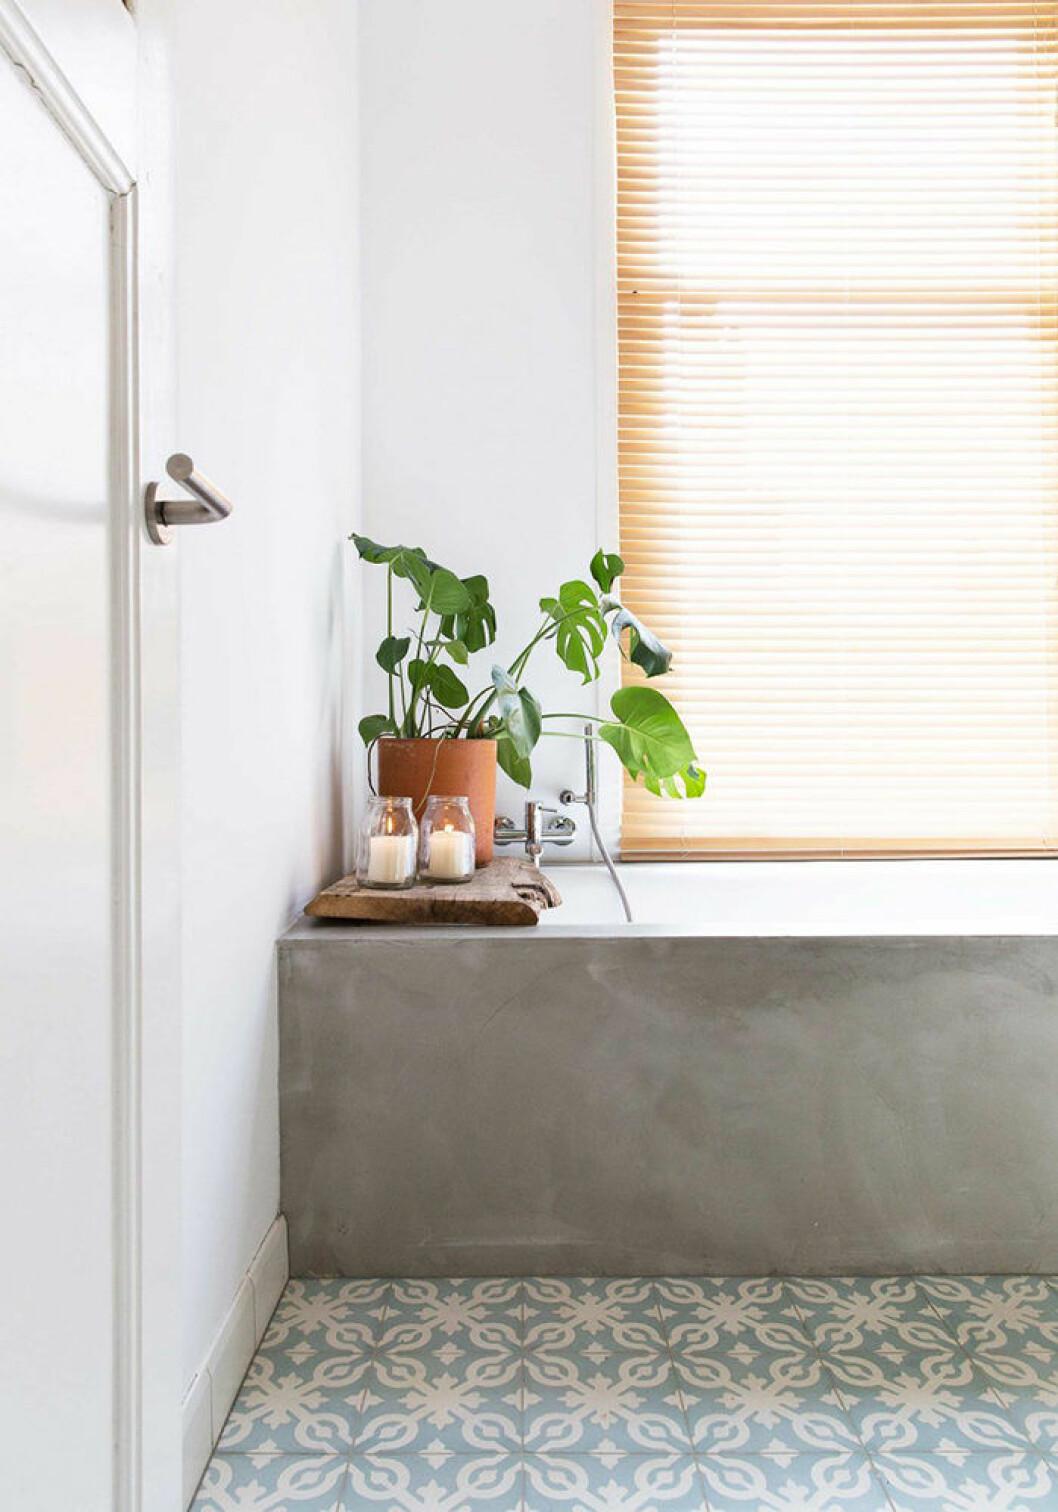 Ställ en växt vid badkaret.